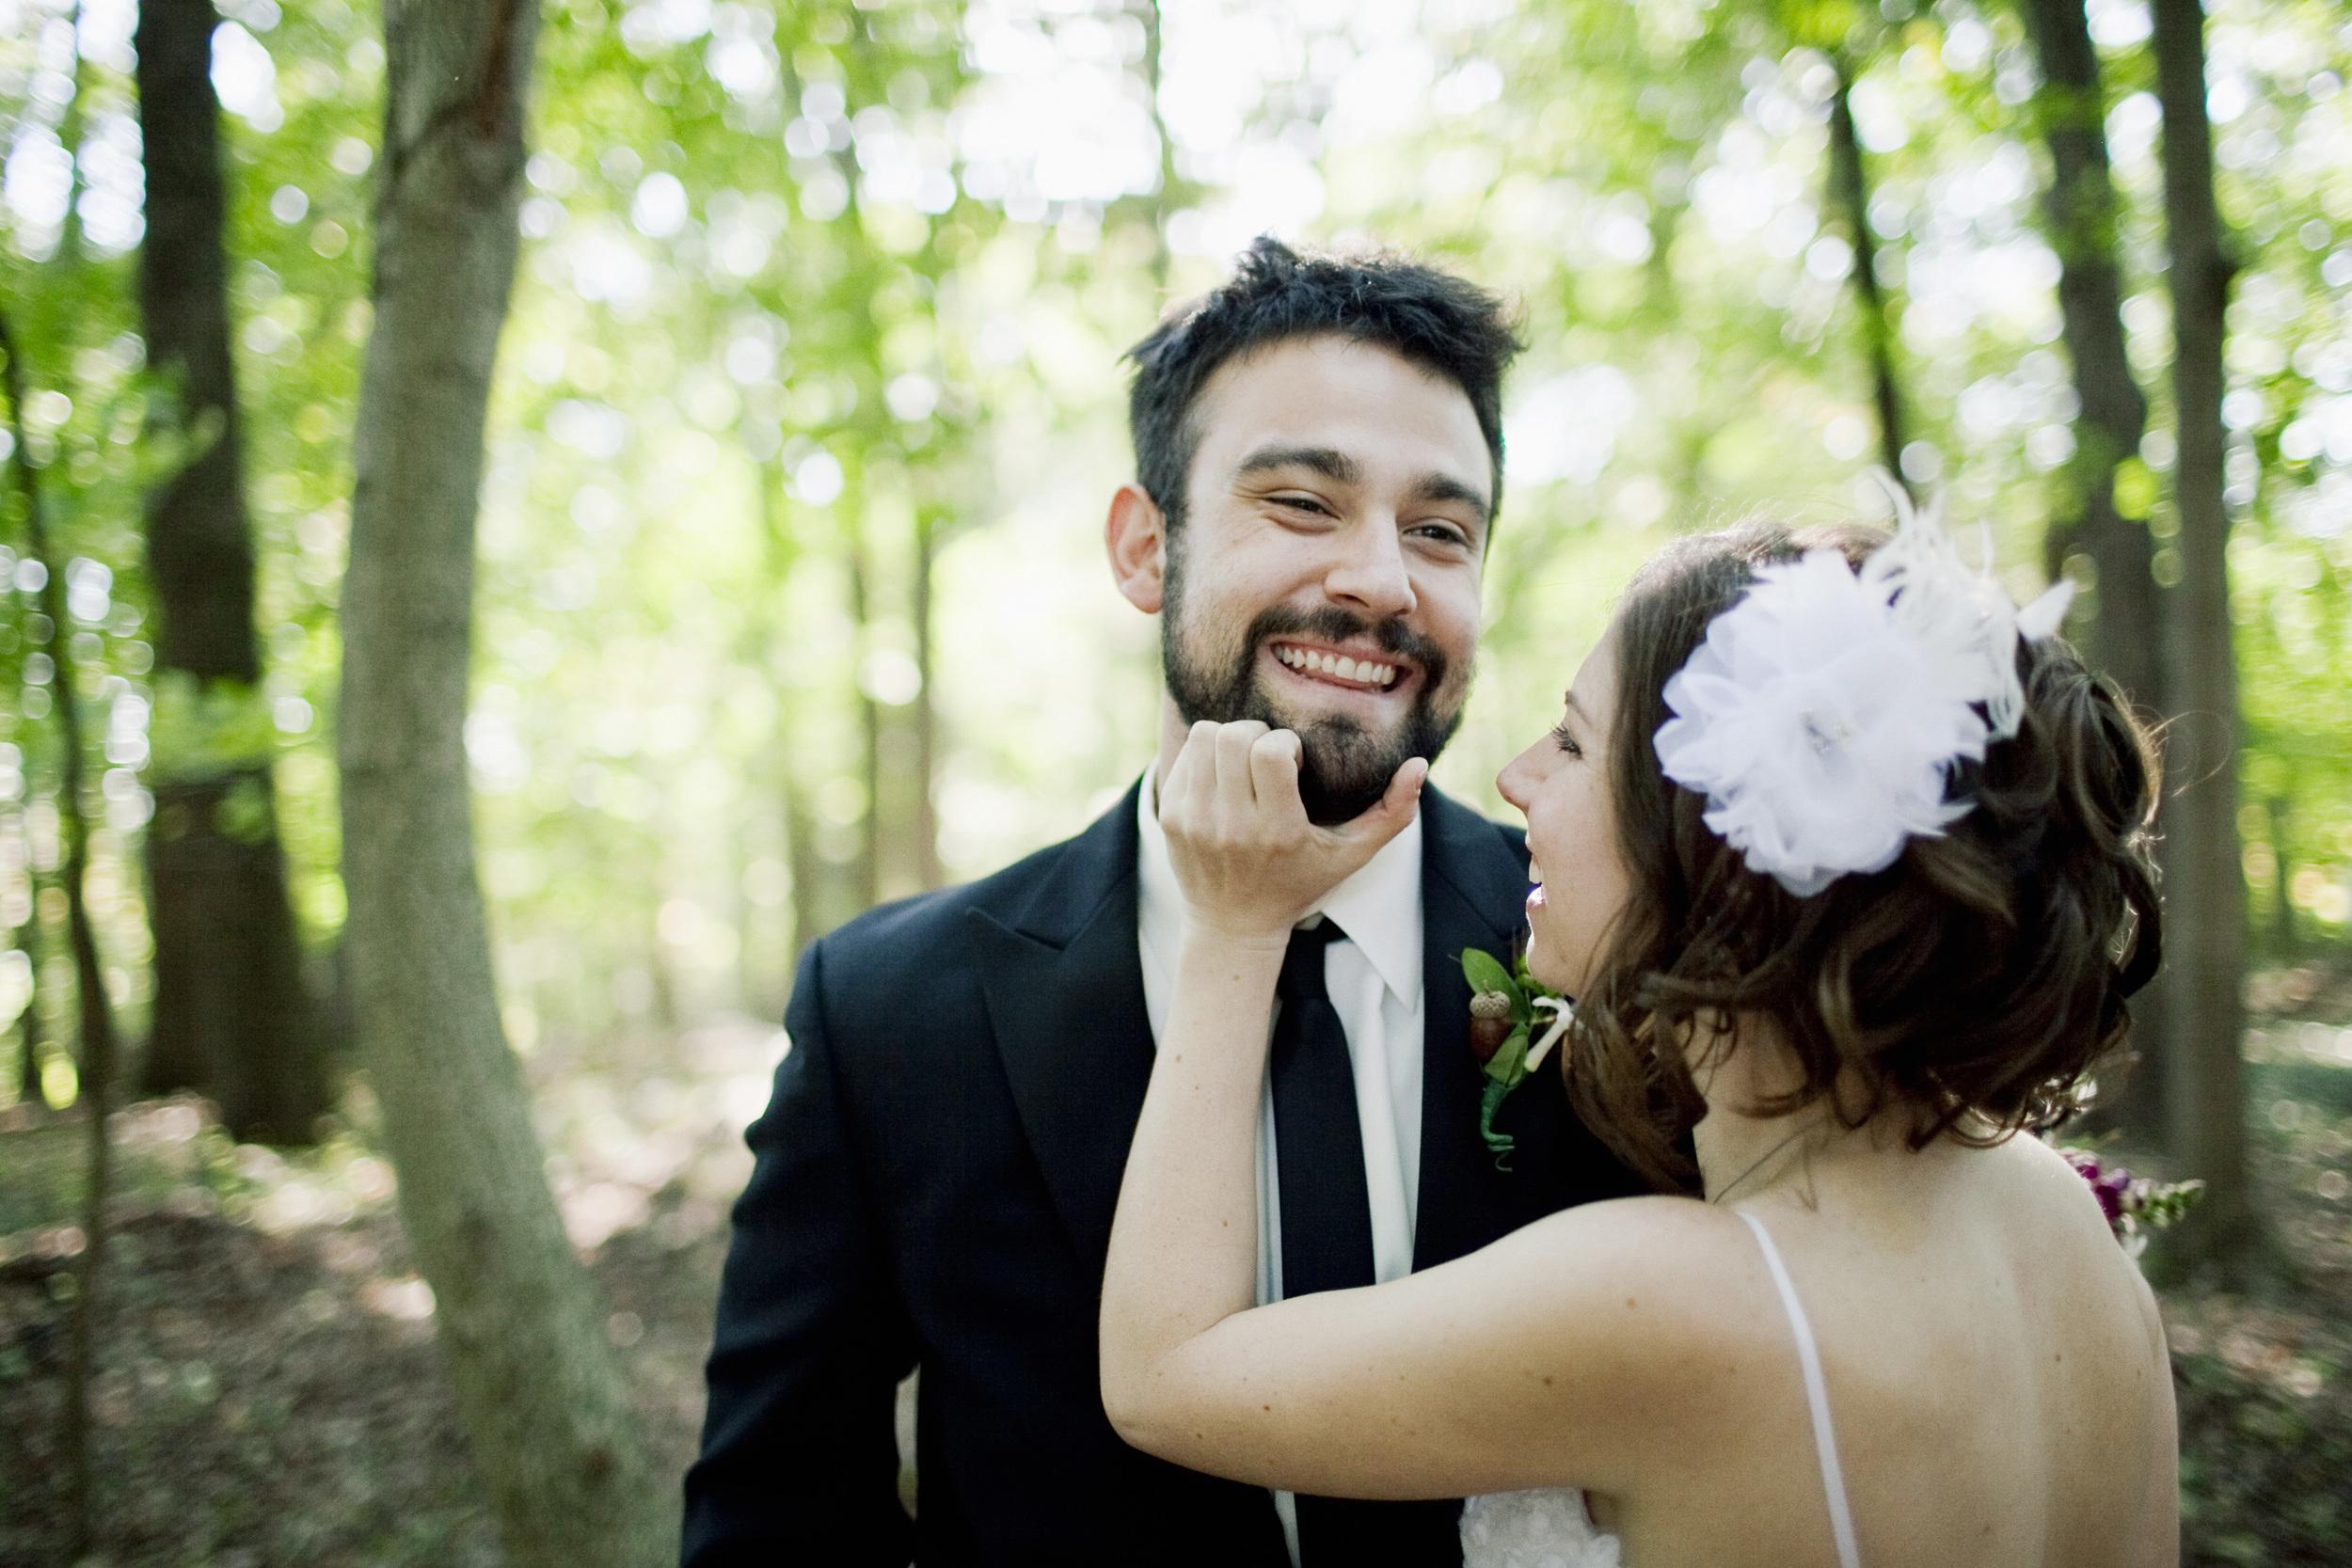 Bucks County wedding photography